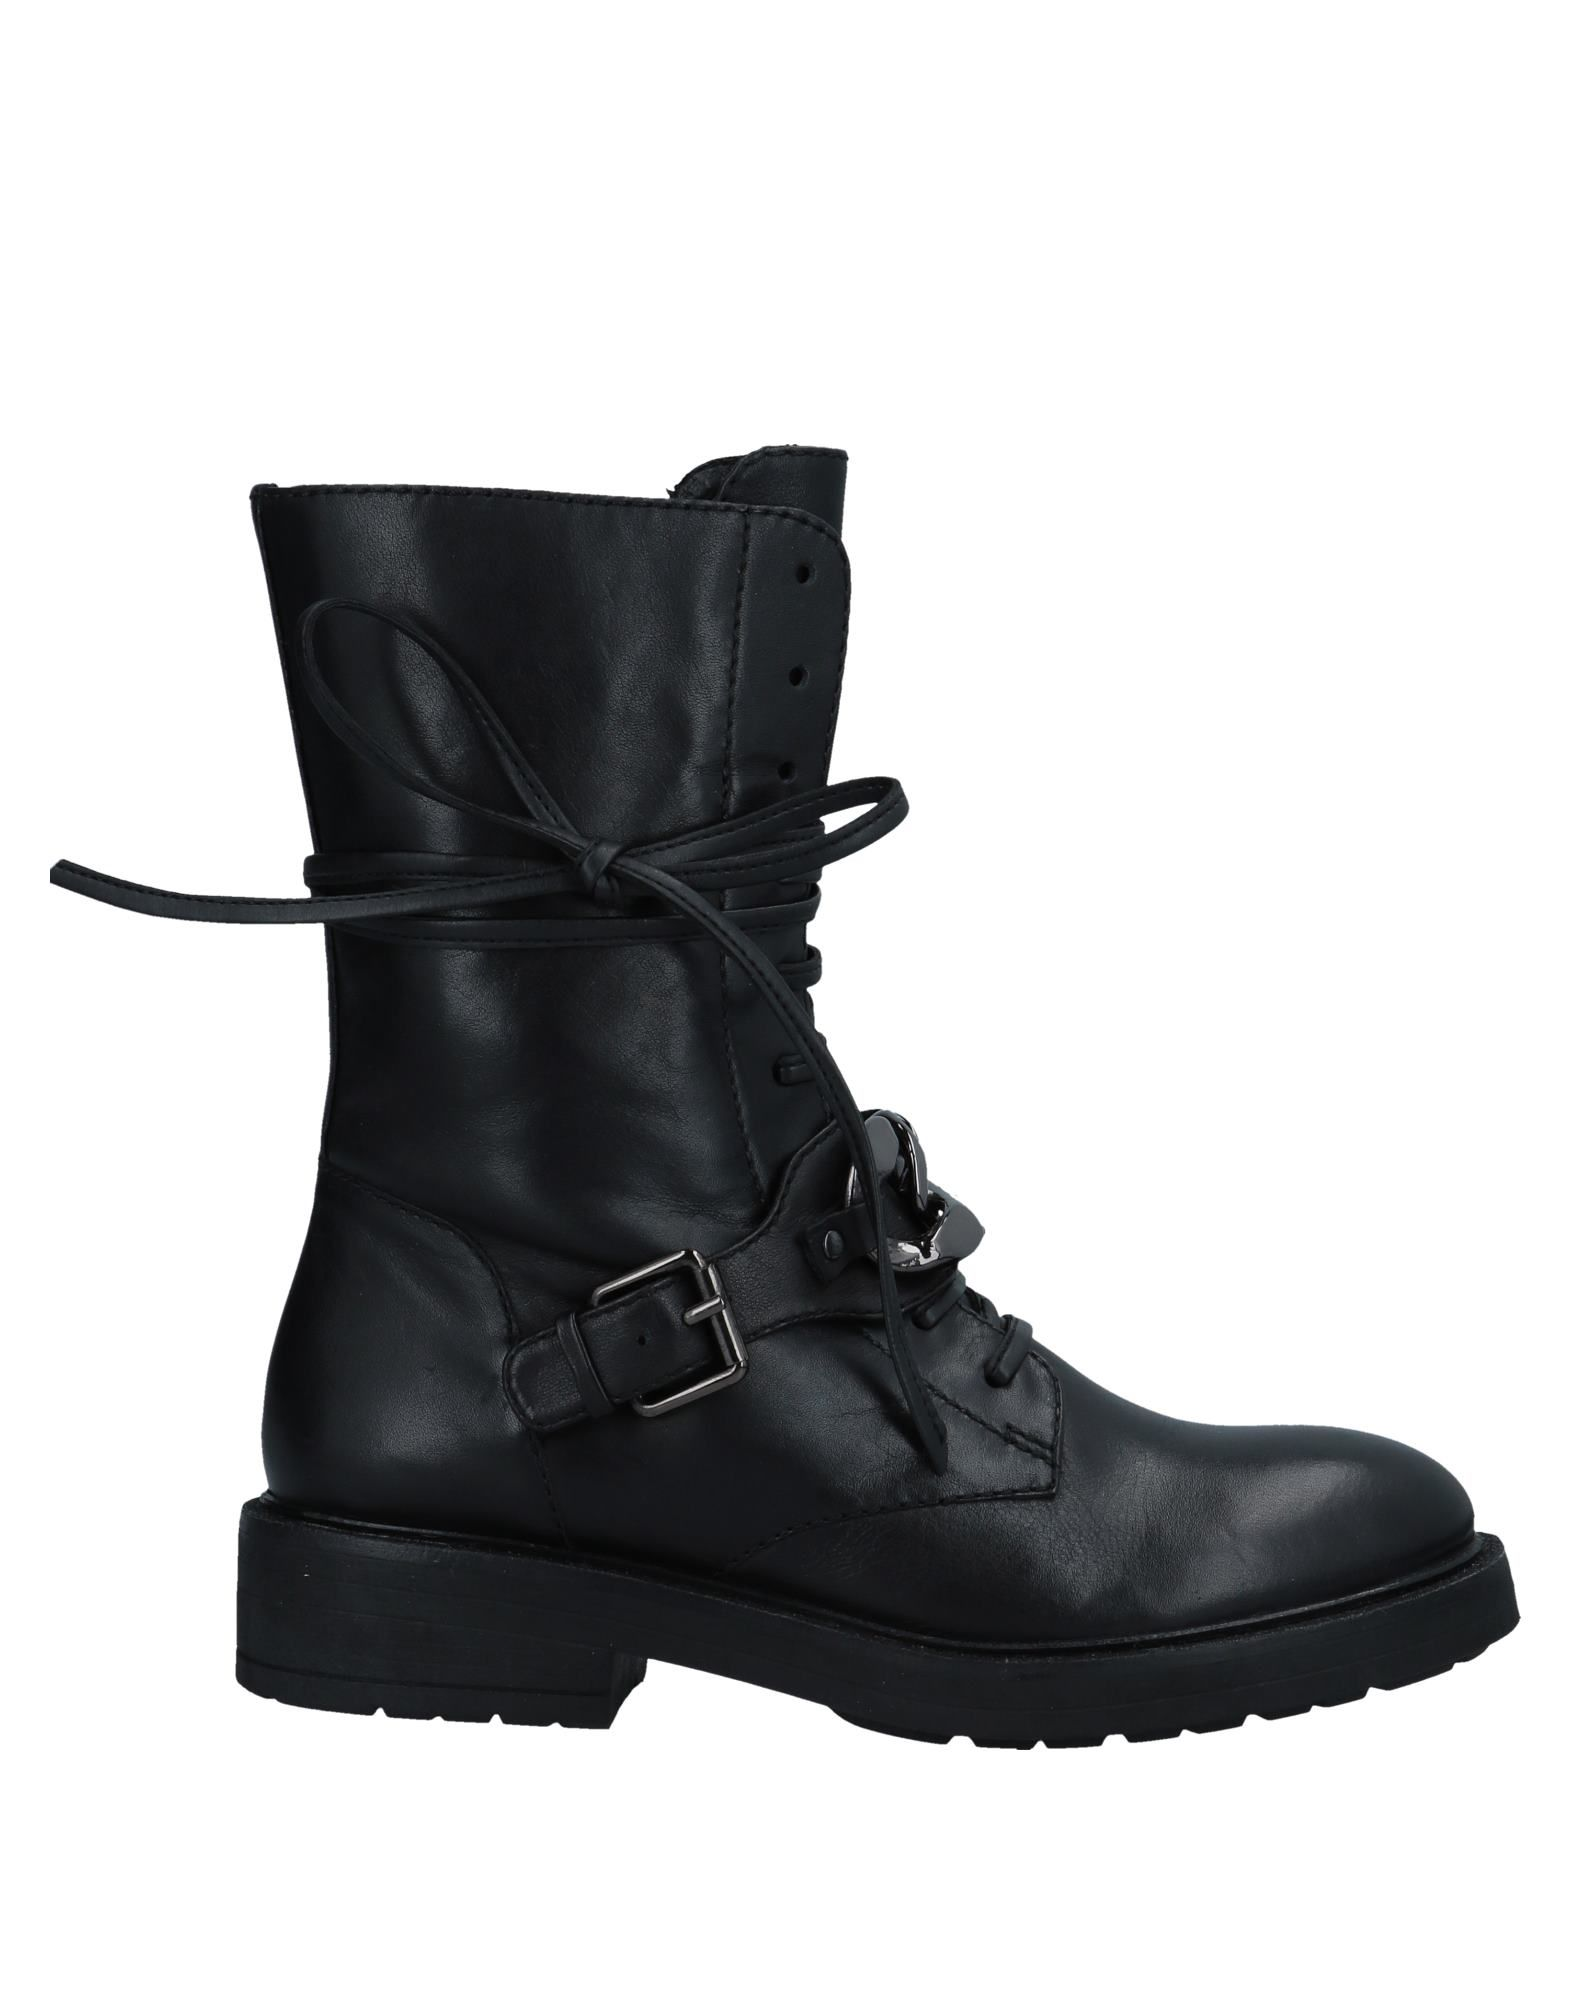 Gut um billige Schuhe zu tragenBruno 11548868AX Premi Stiefelette Damen  11548868AX tragenBruno c08220